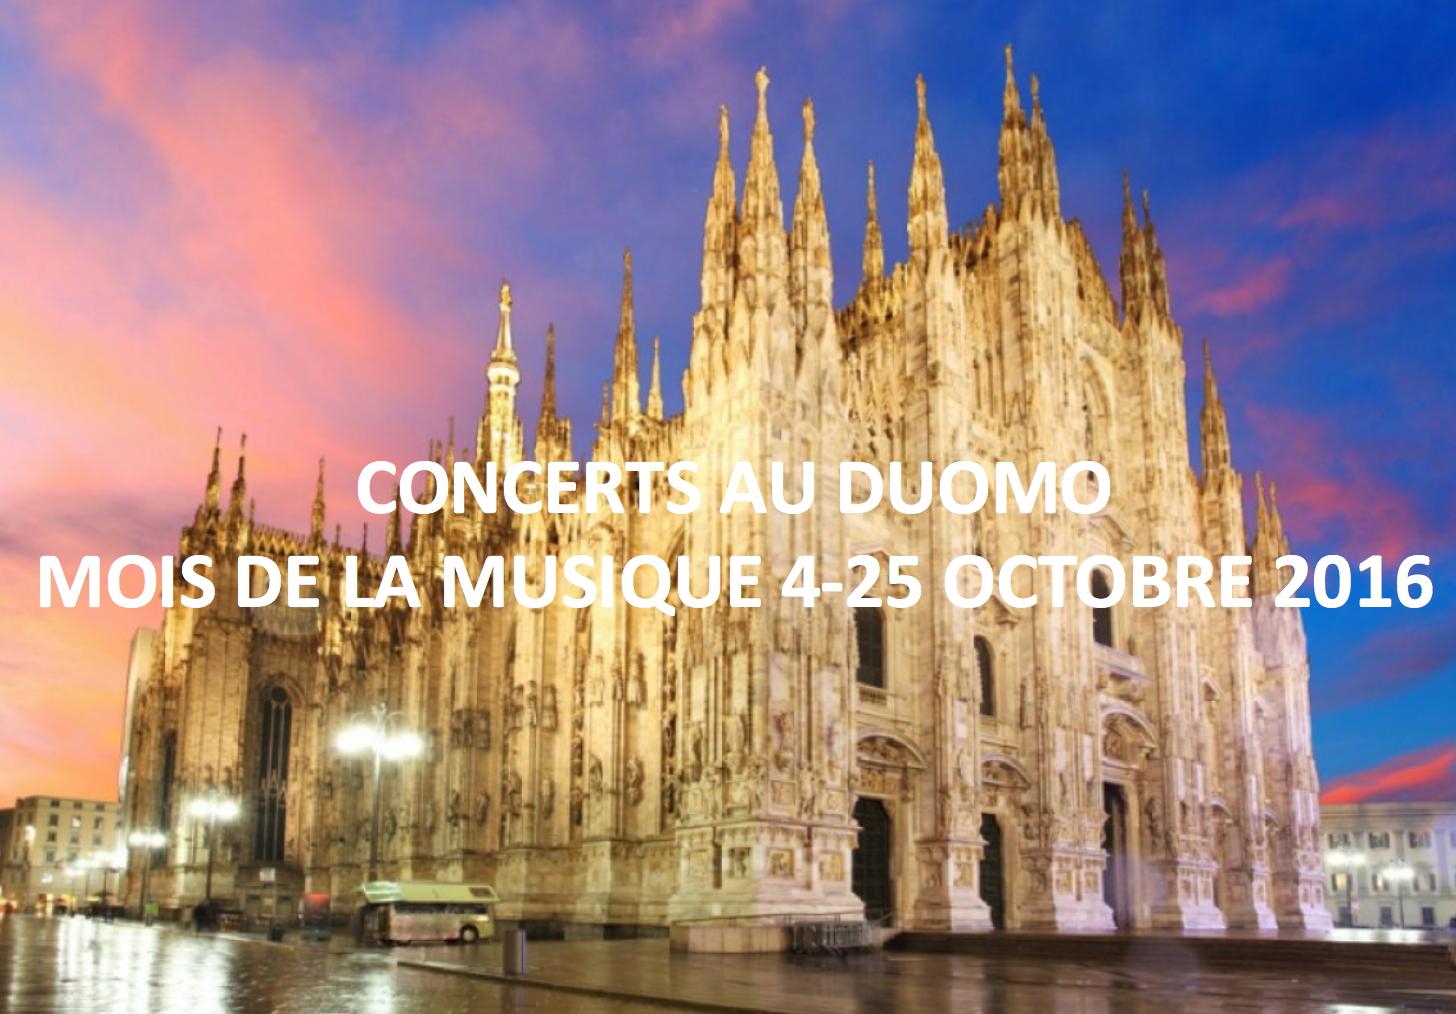 duomo musique concerts